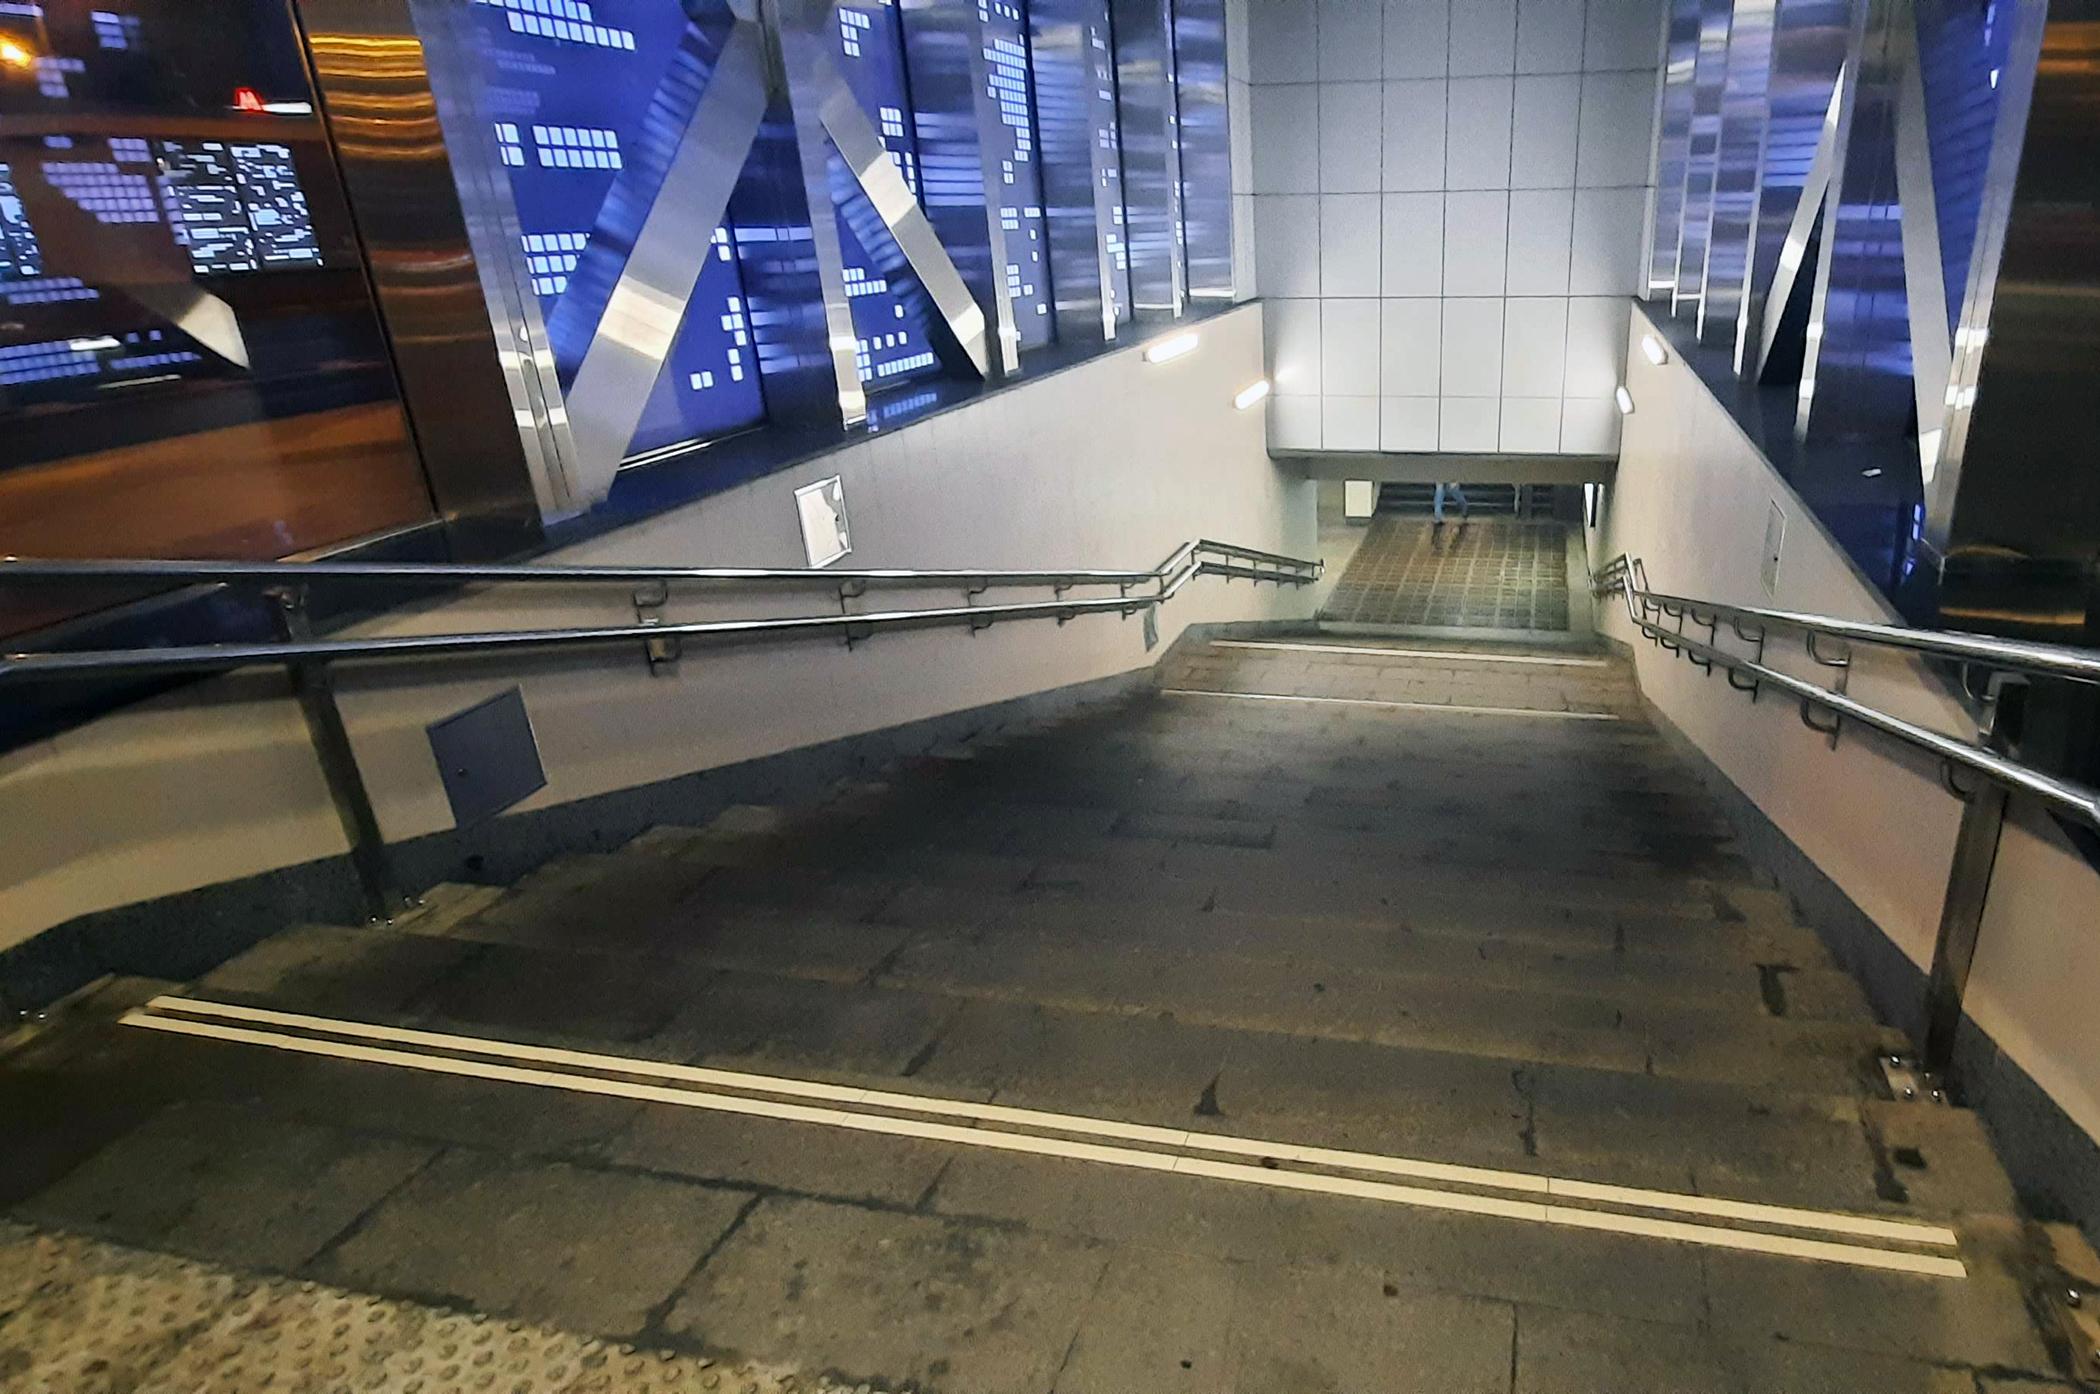 Escaleras de acceso a una estación del metro de Moscú